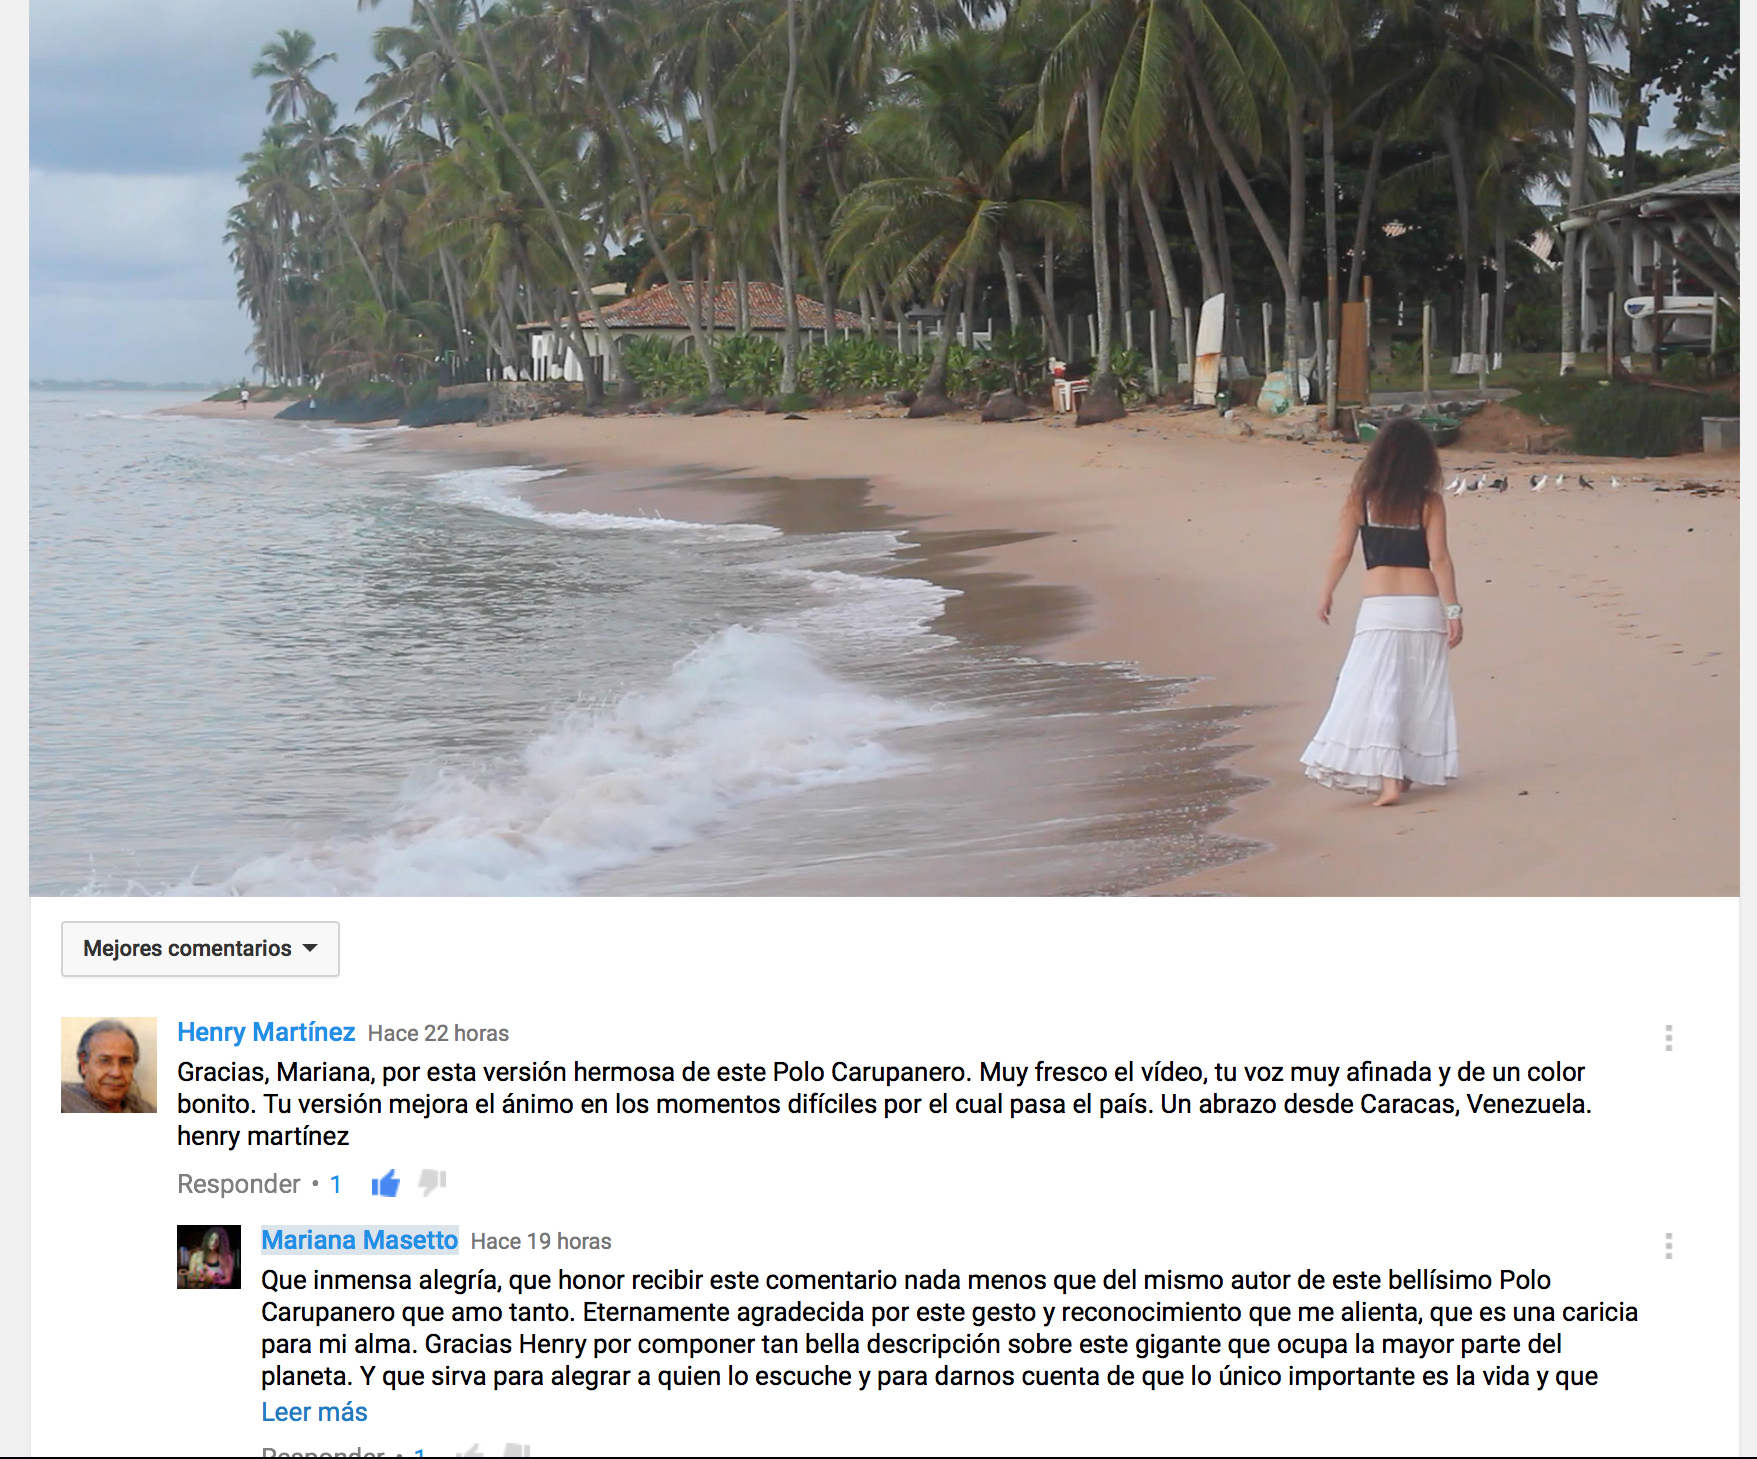 Comentario de Henry Martínez